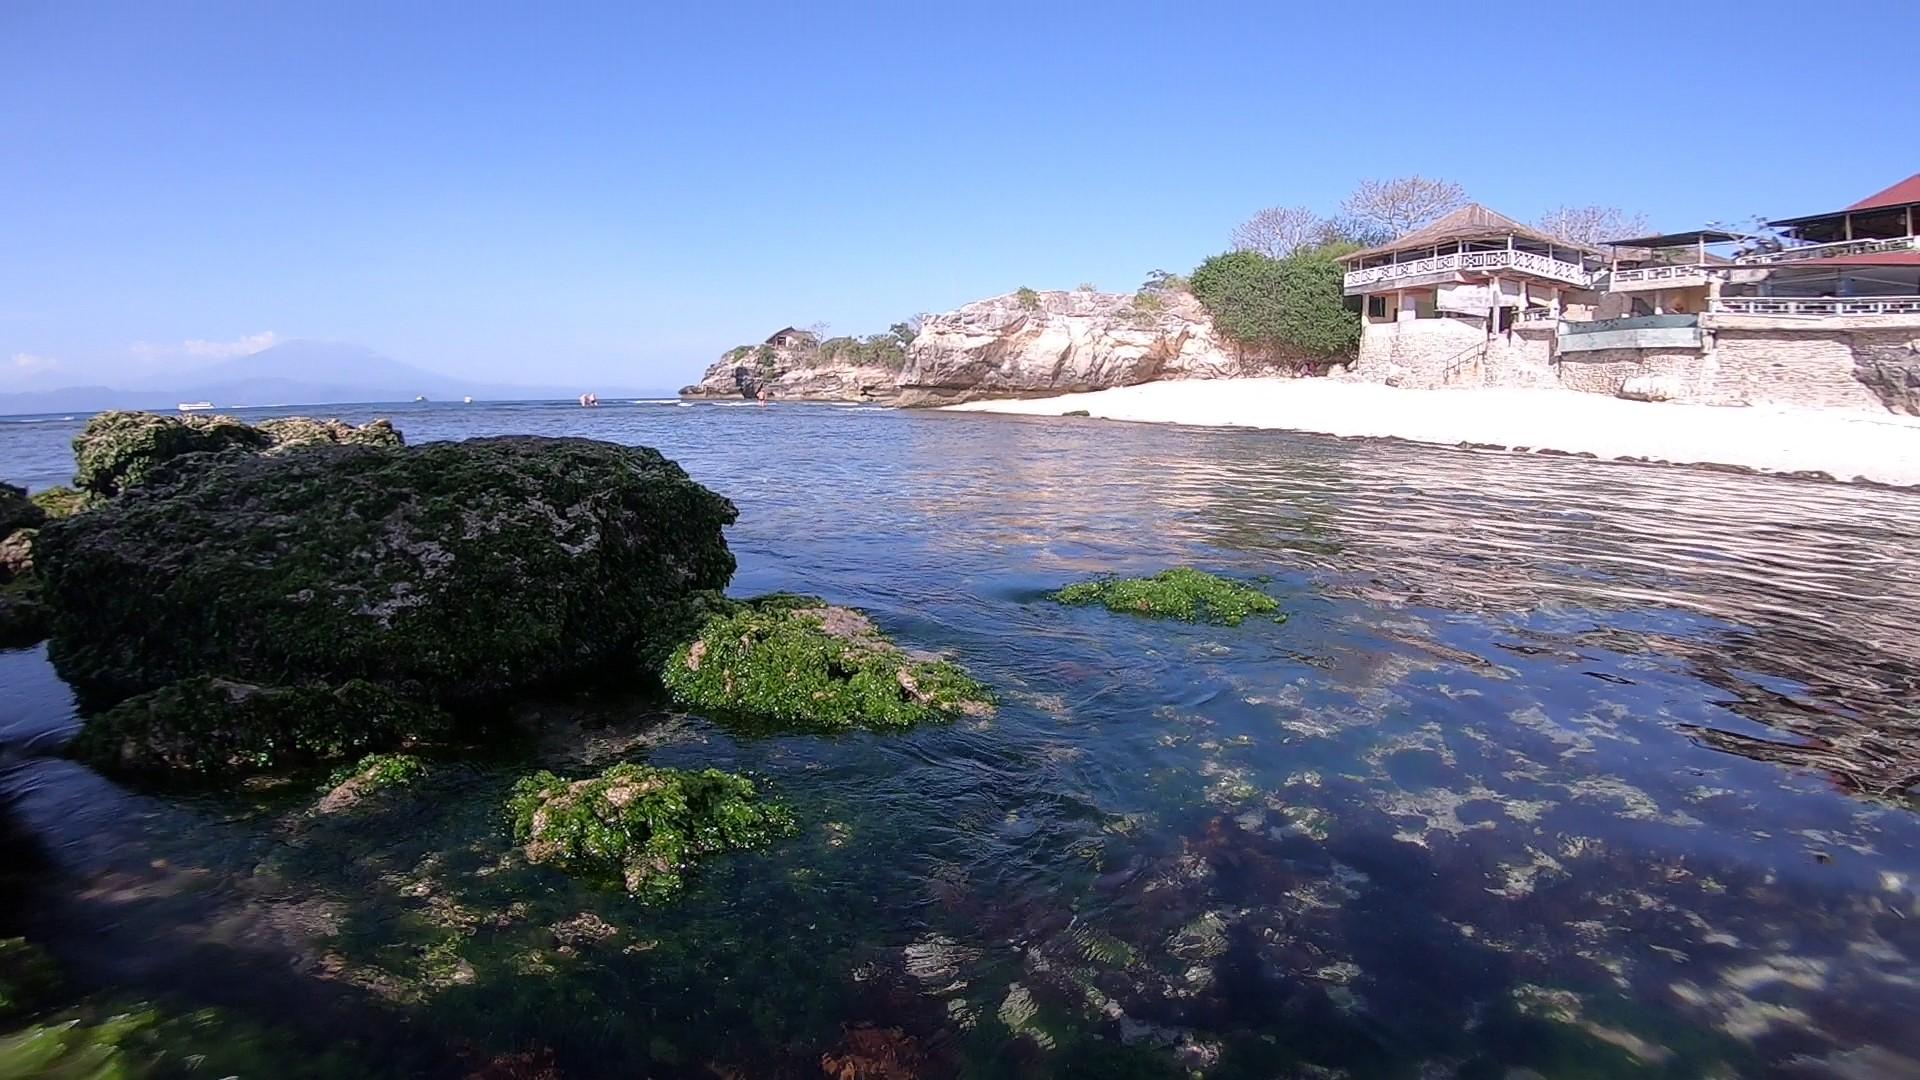 レンボンガン島のかわいい隠れ家風ヴィラ【サンヒャンベイヴィラズ】